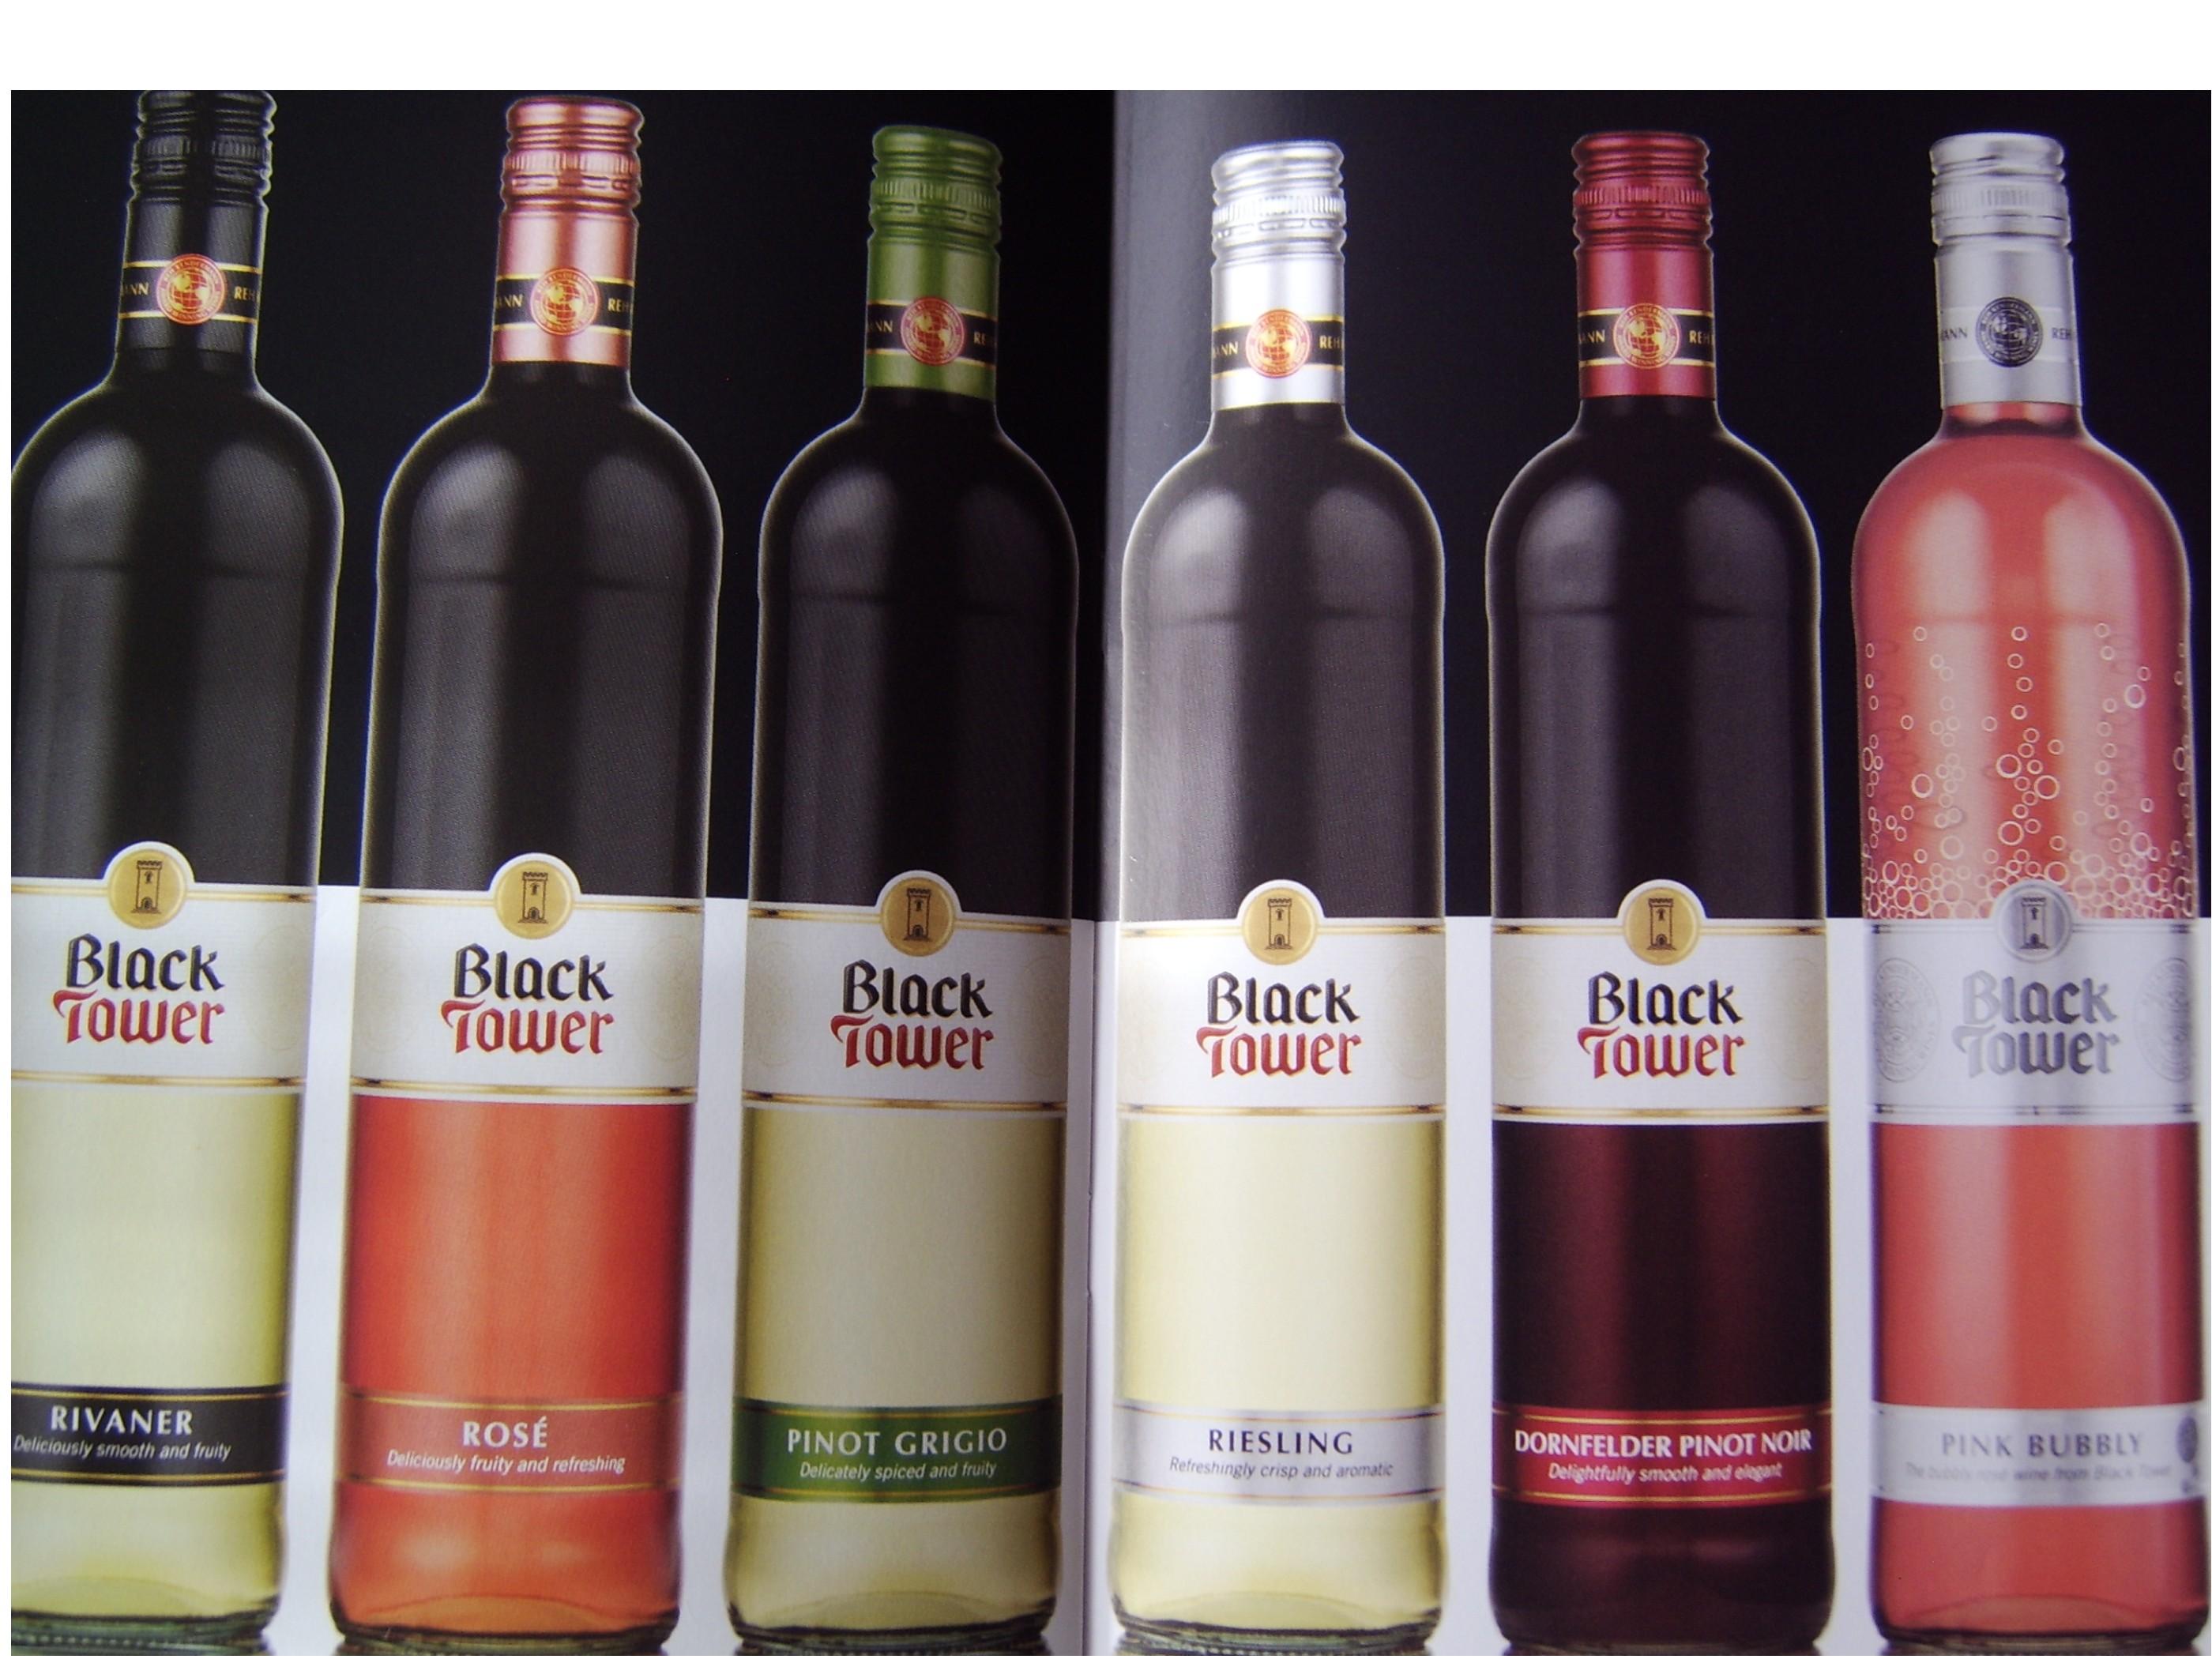 Left to right - Rivaner, Rose, Pinot Grigio, Risling, Dornfelder Pinot Noir, Pink Bubbly